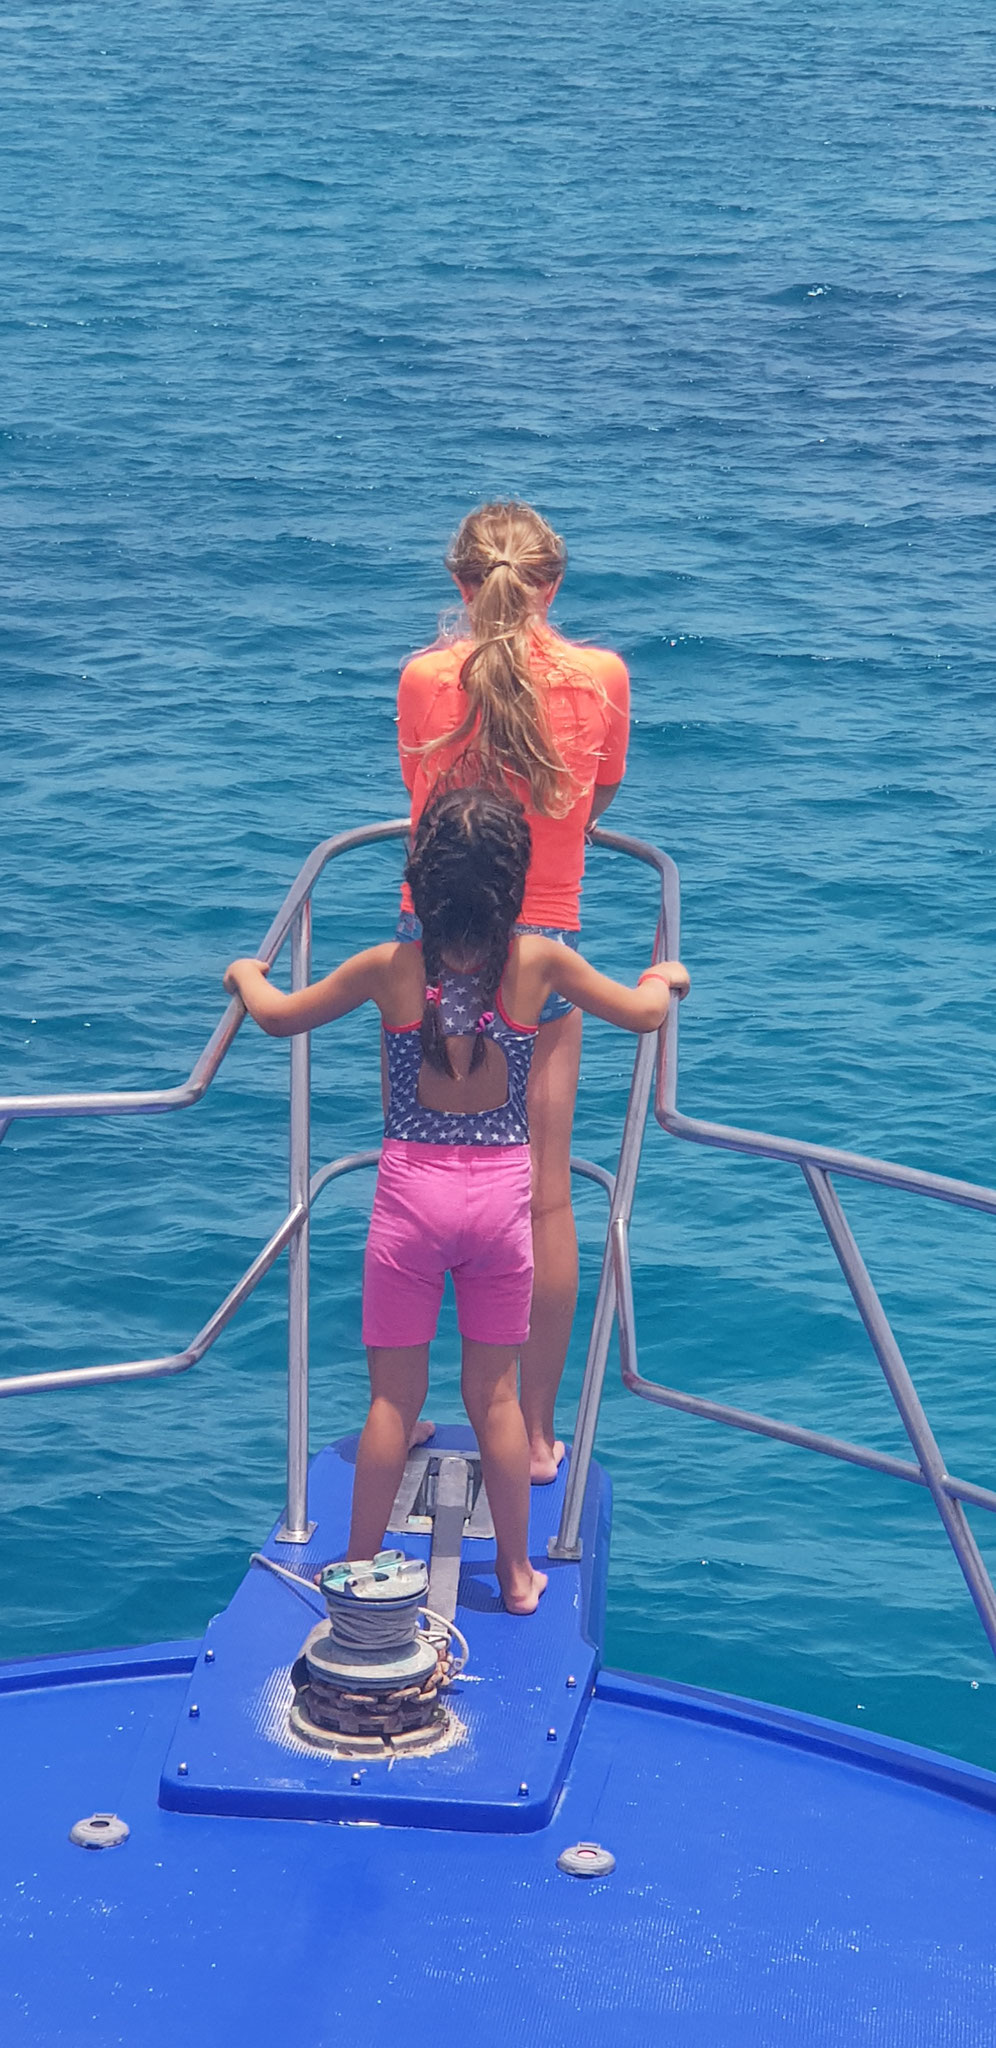 der schönste Platz auf dem Schiff?